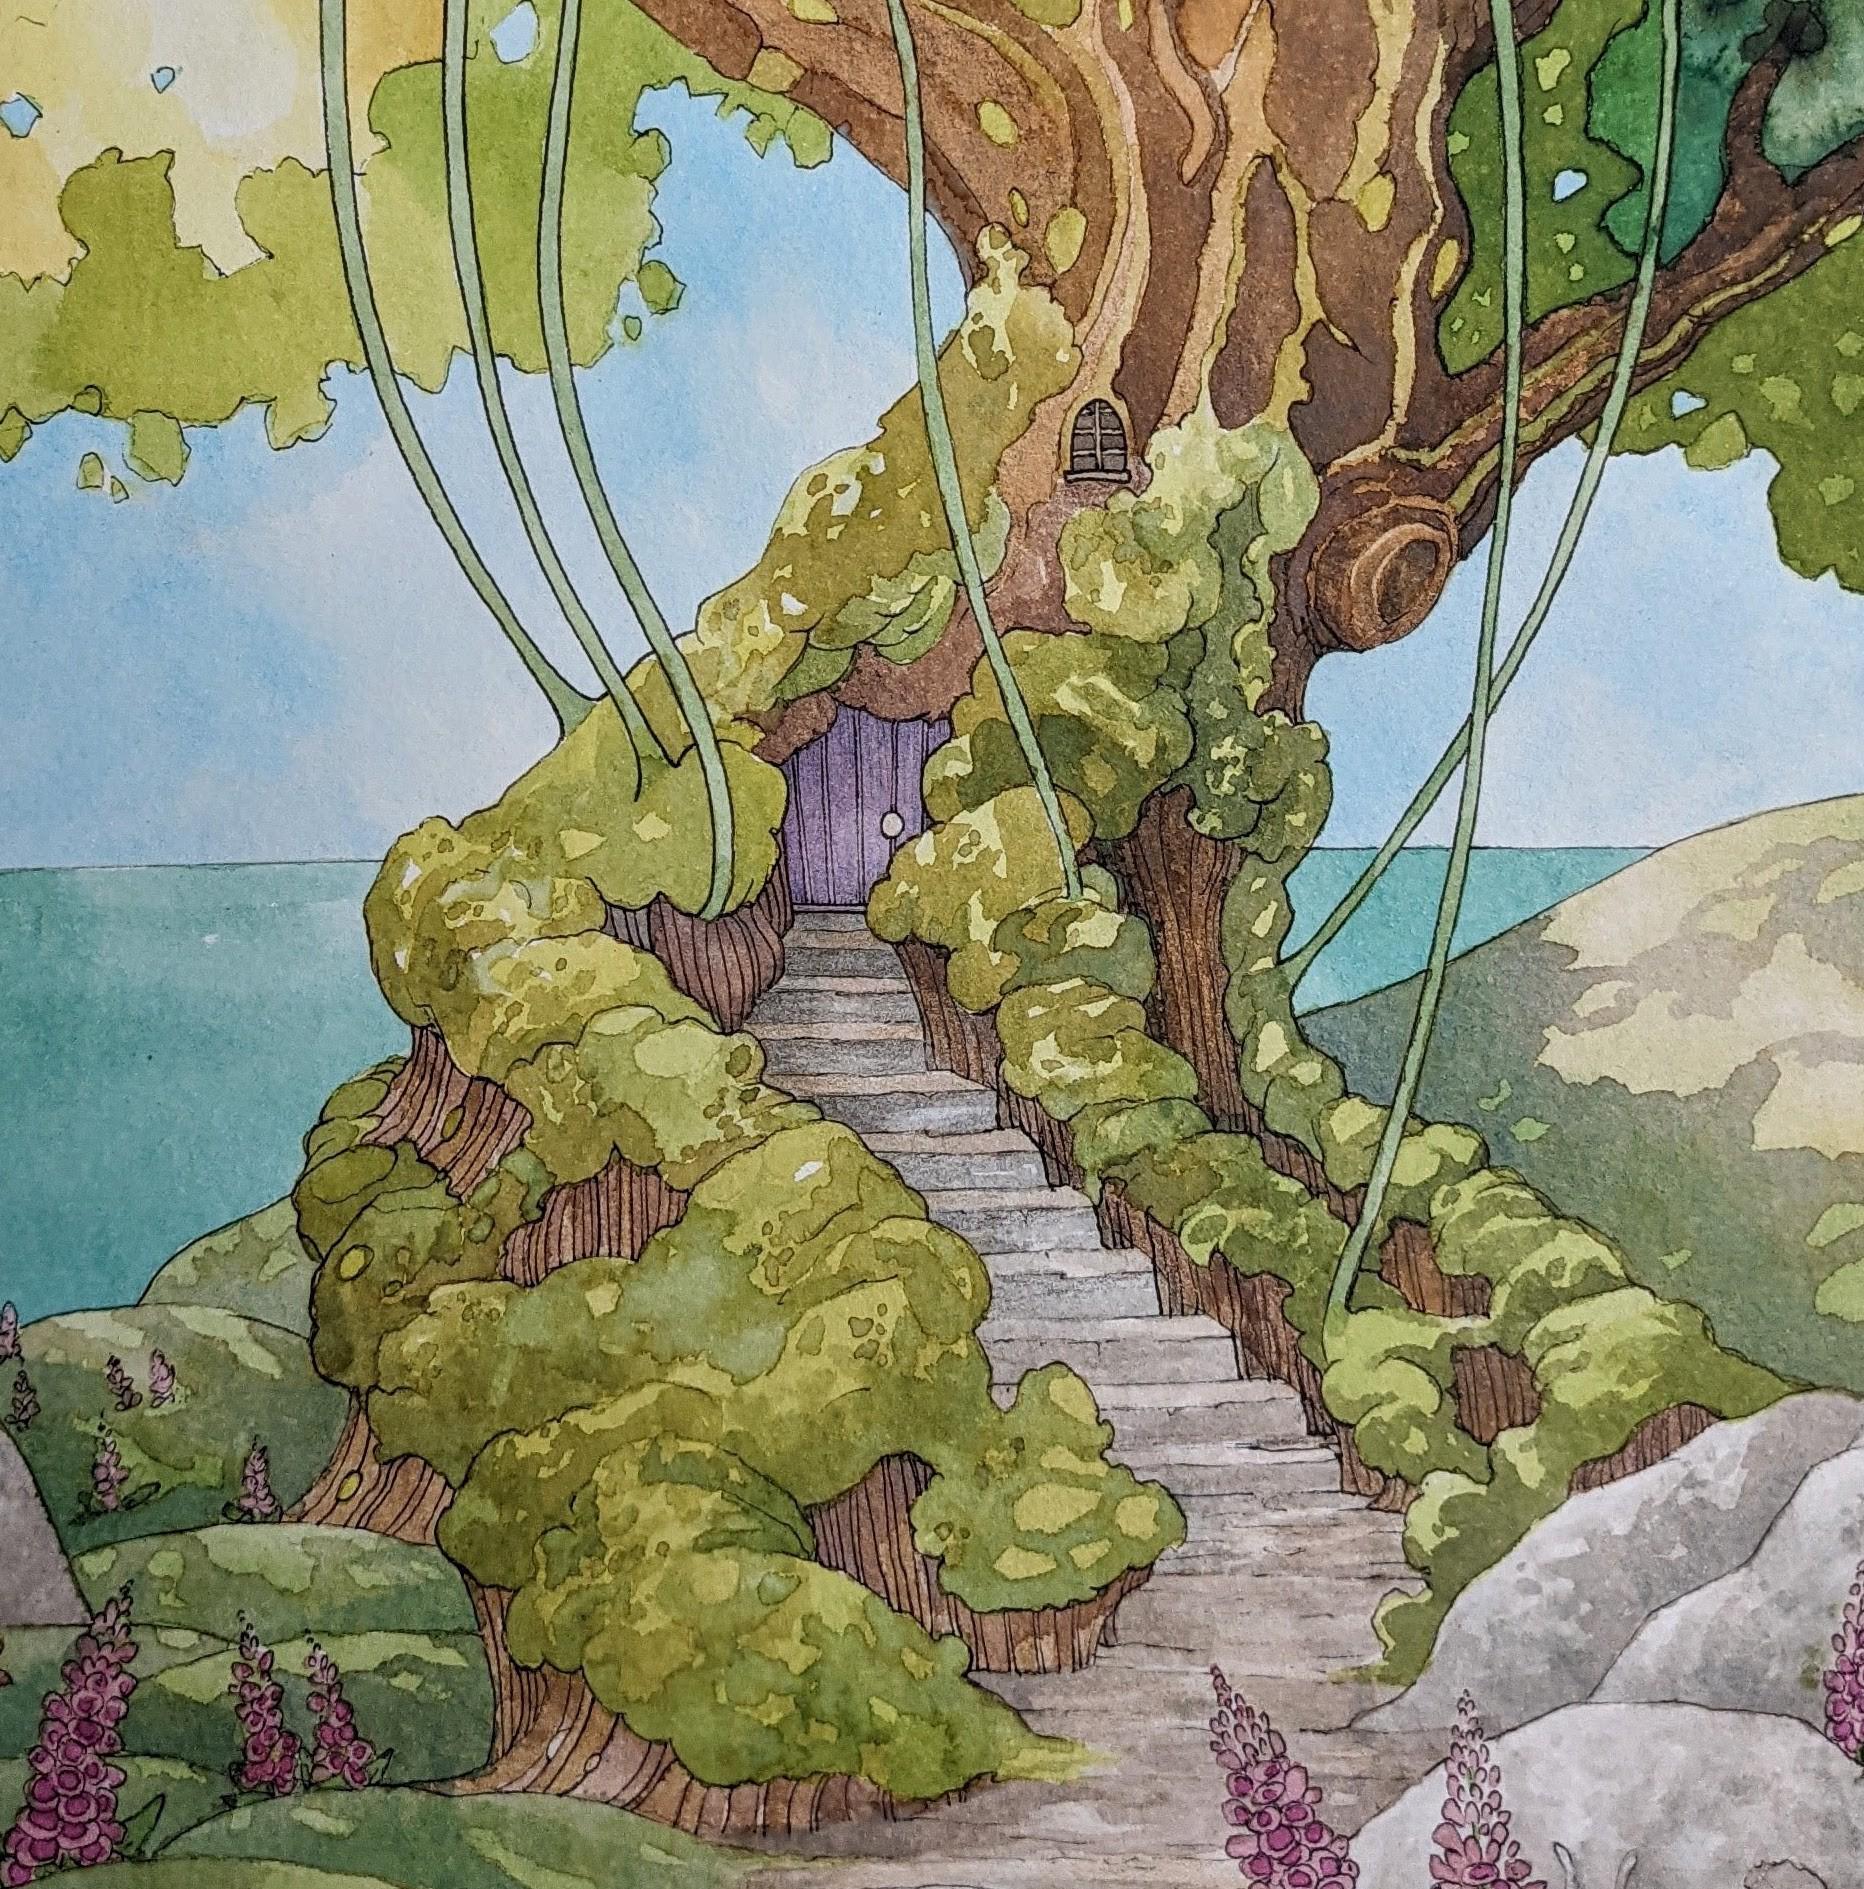 Le Vénérable detail, 2020 - Audrey Rouvin Galerie JPHT